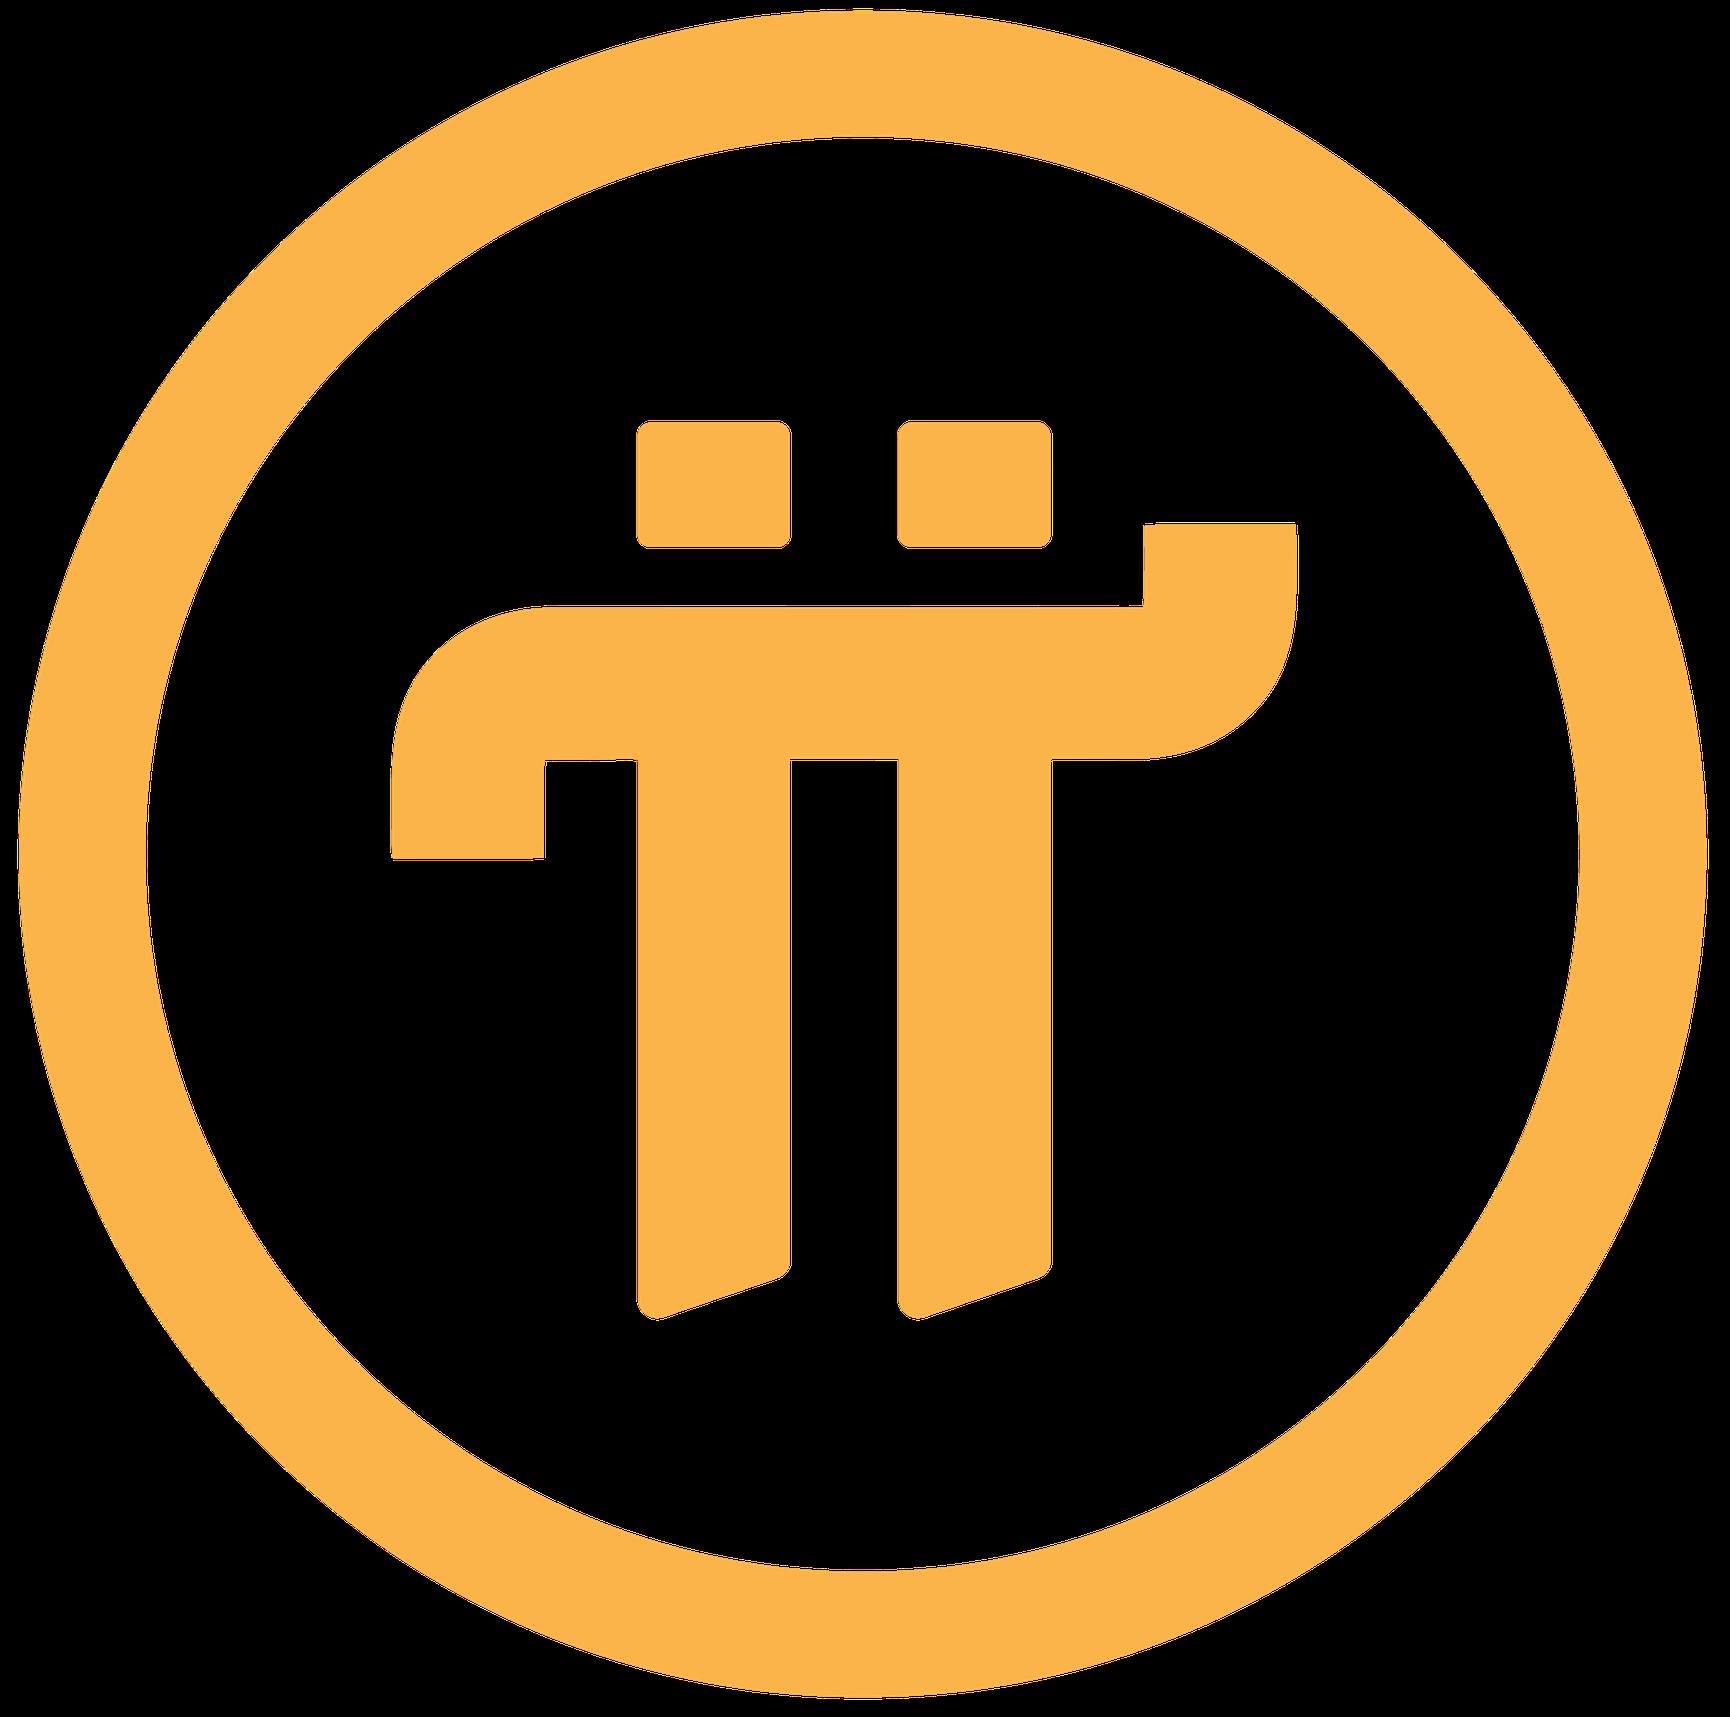 לוגו של מטבע פאי